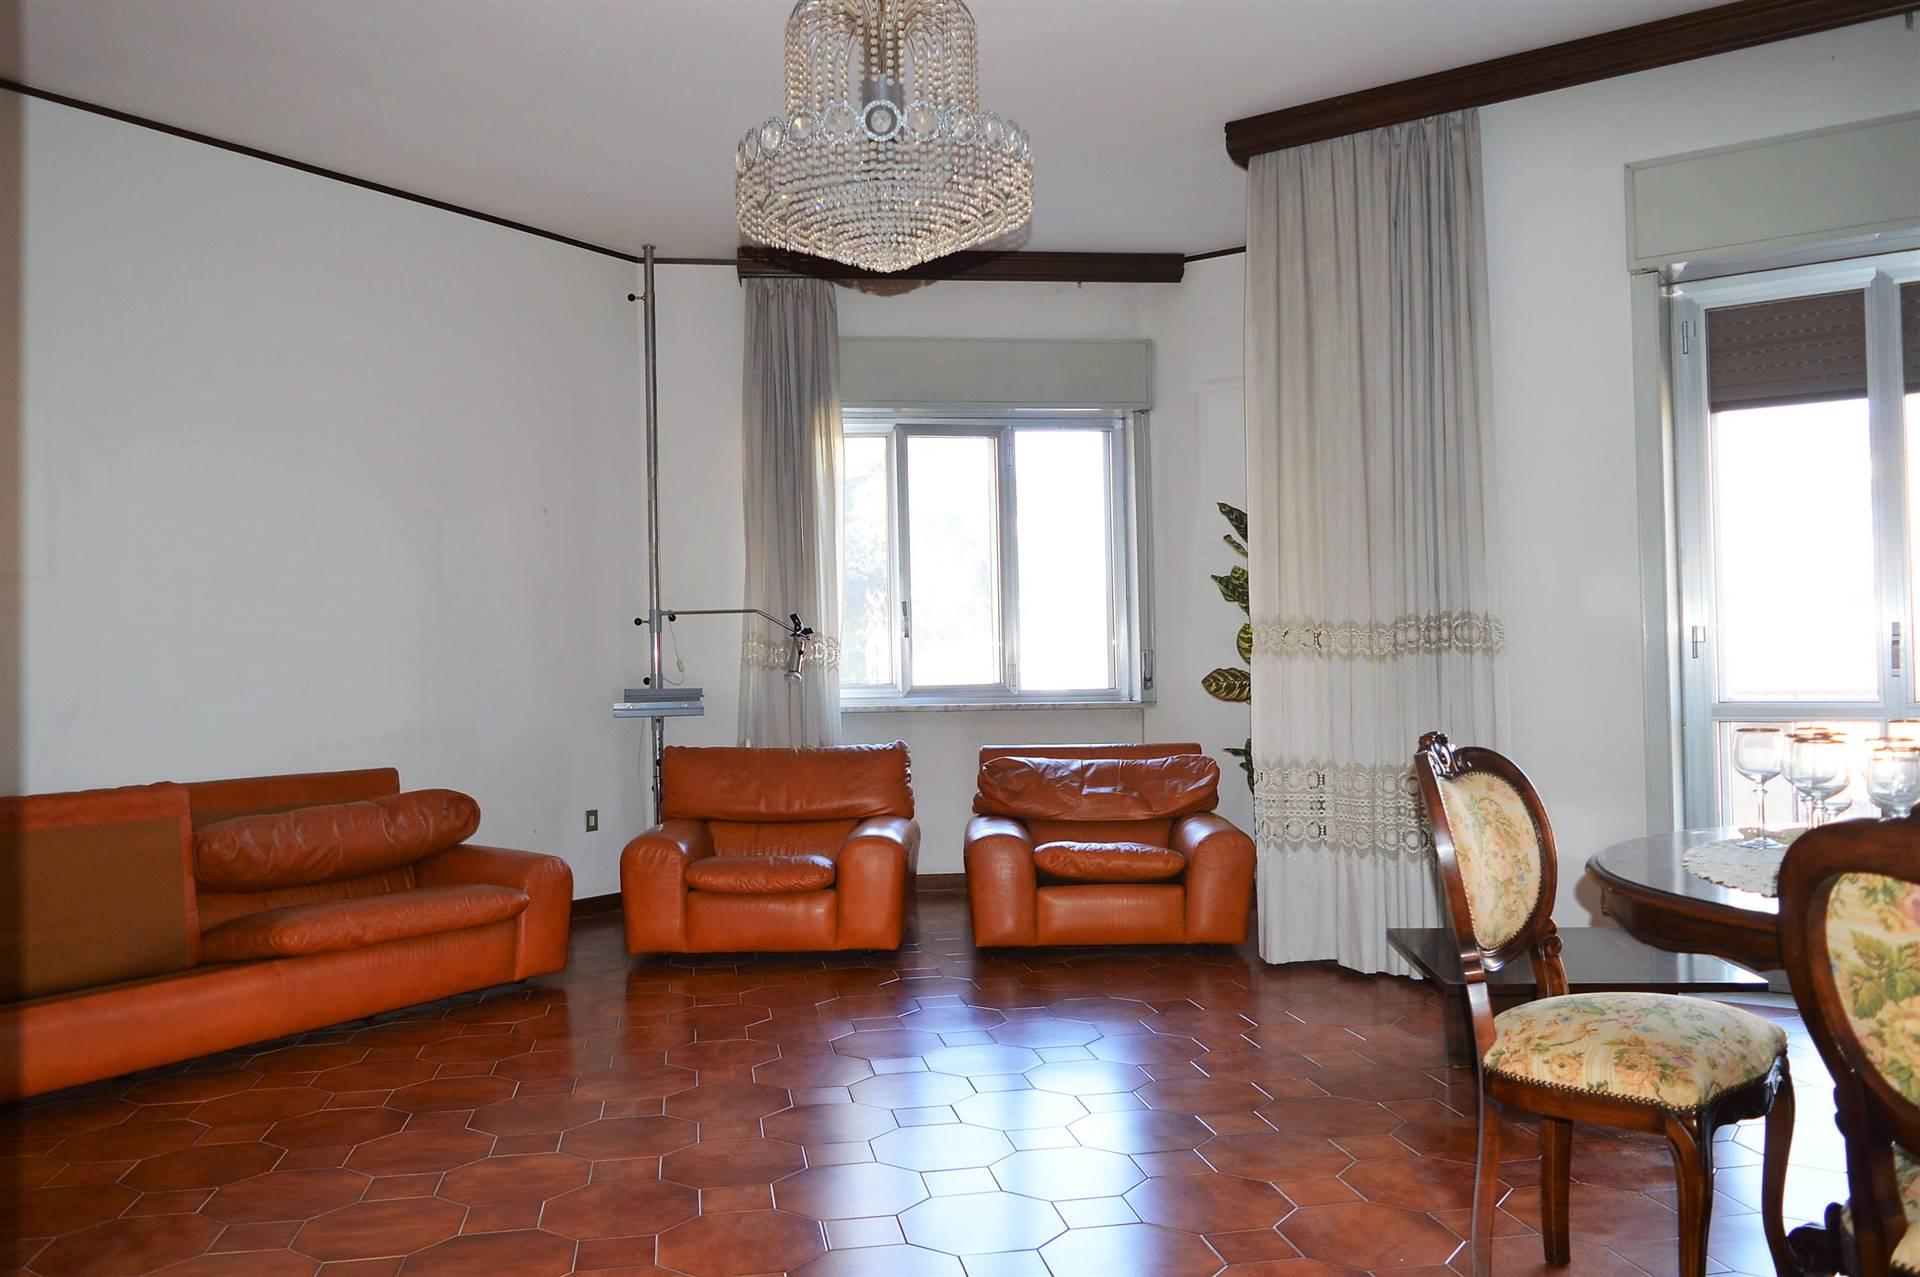 AV952D-Appartamento-SANTA-MARIA-CAPUA-VETERE-Via-Palmiro-Togliatti